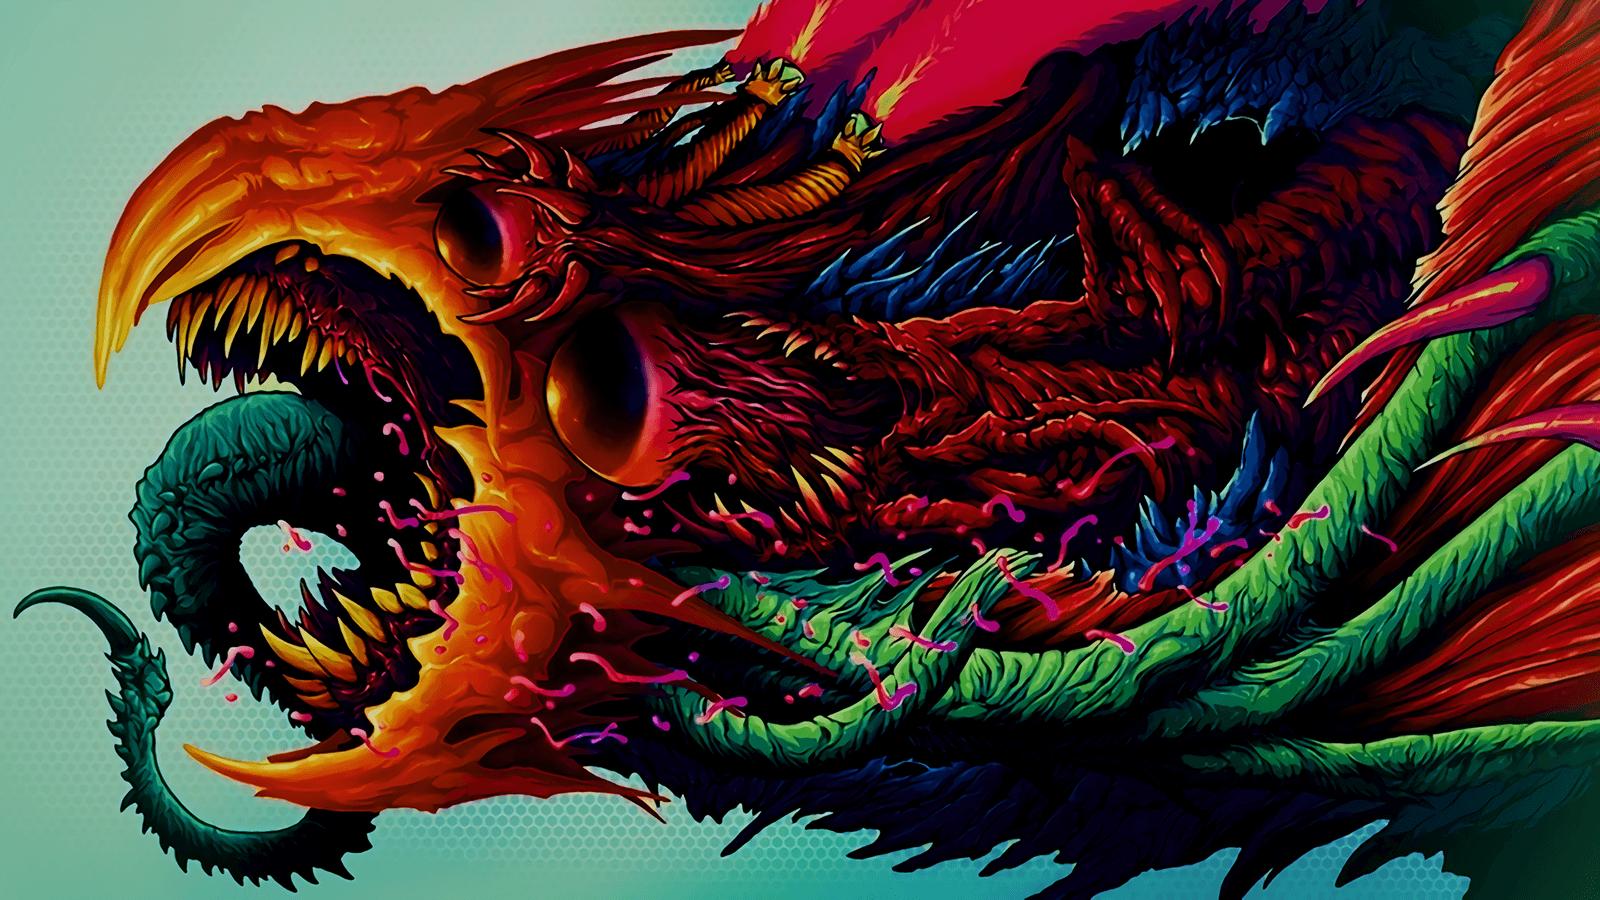 Hyper Beast Wallpapers Wallpaper Cave